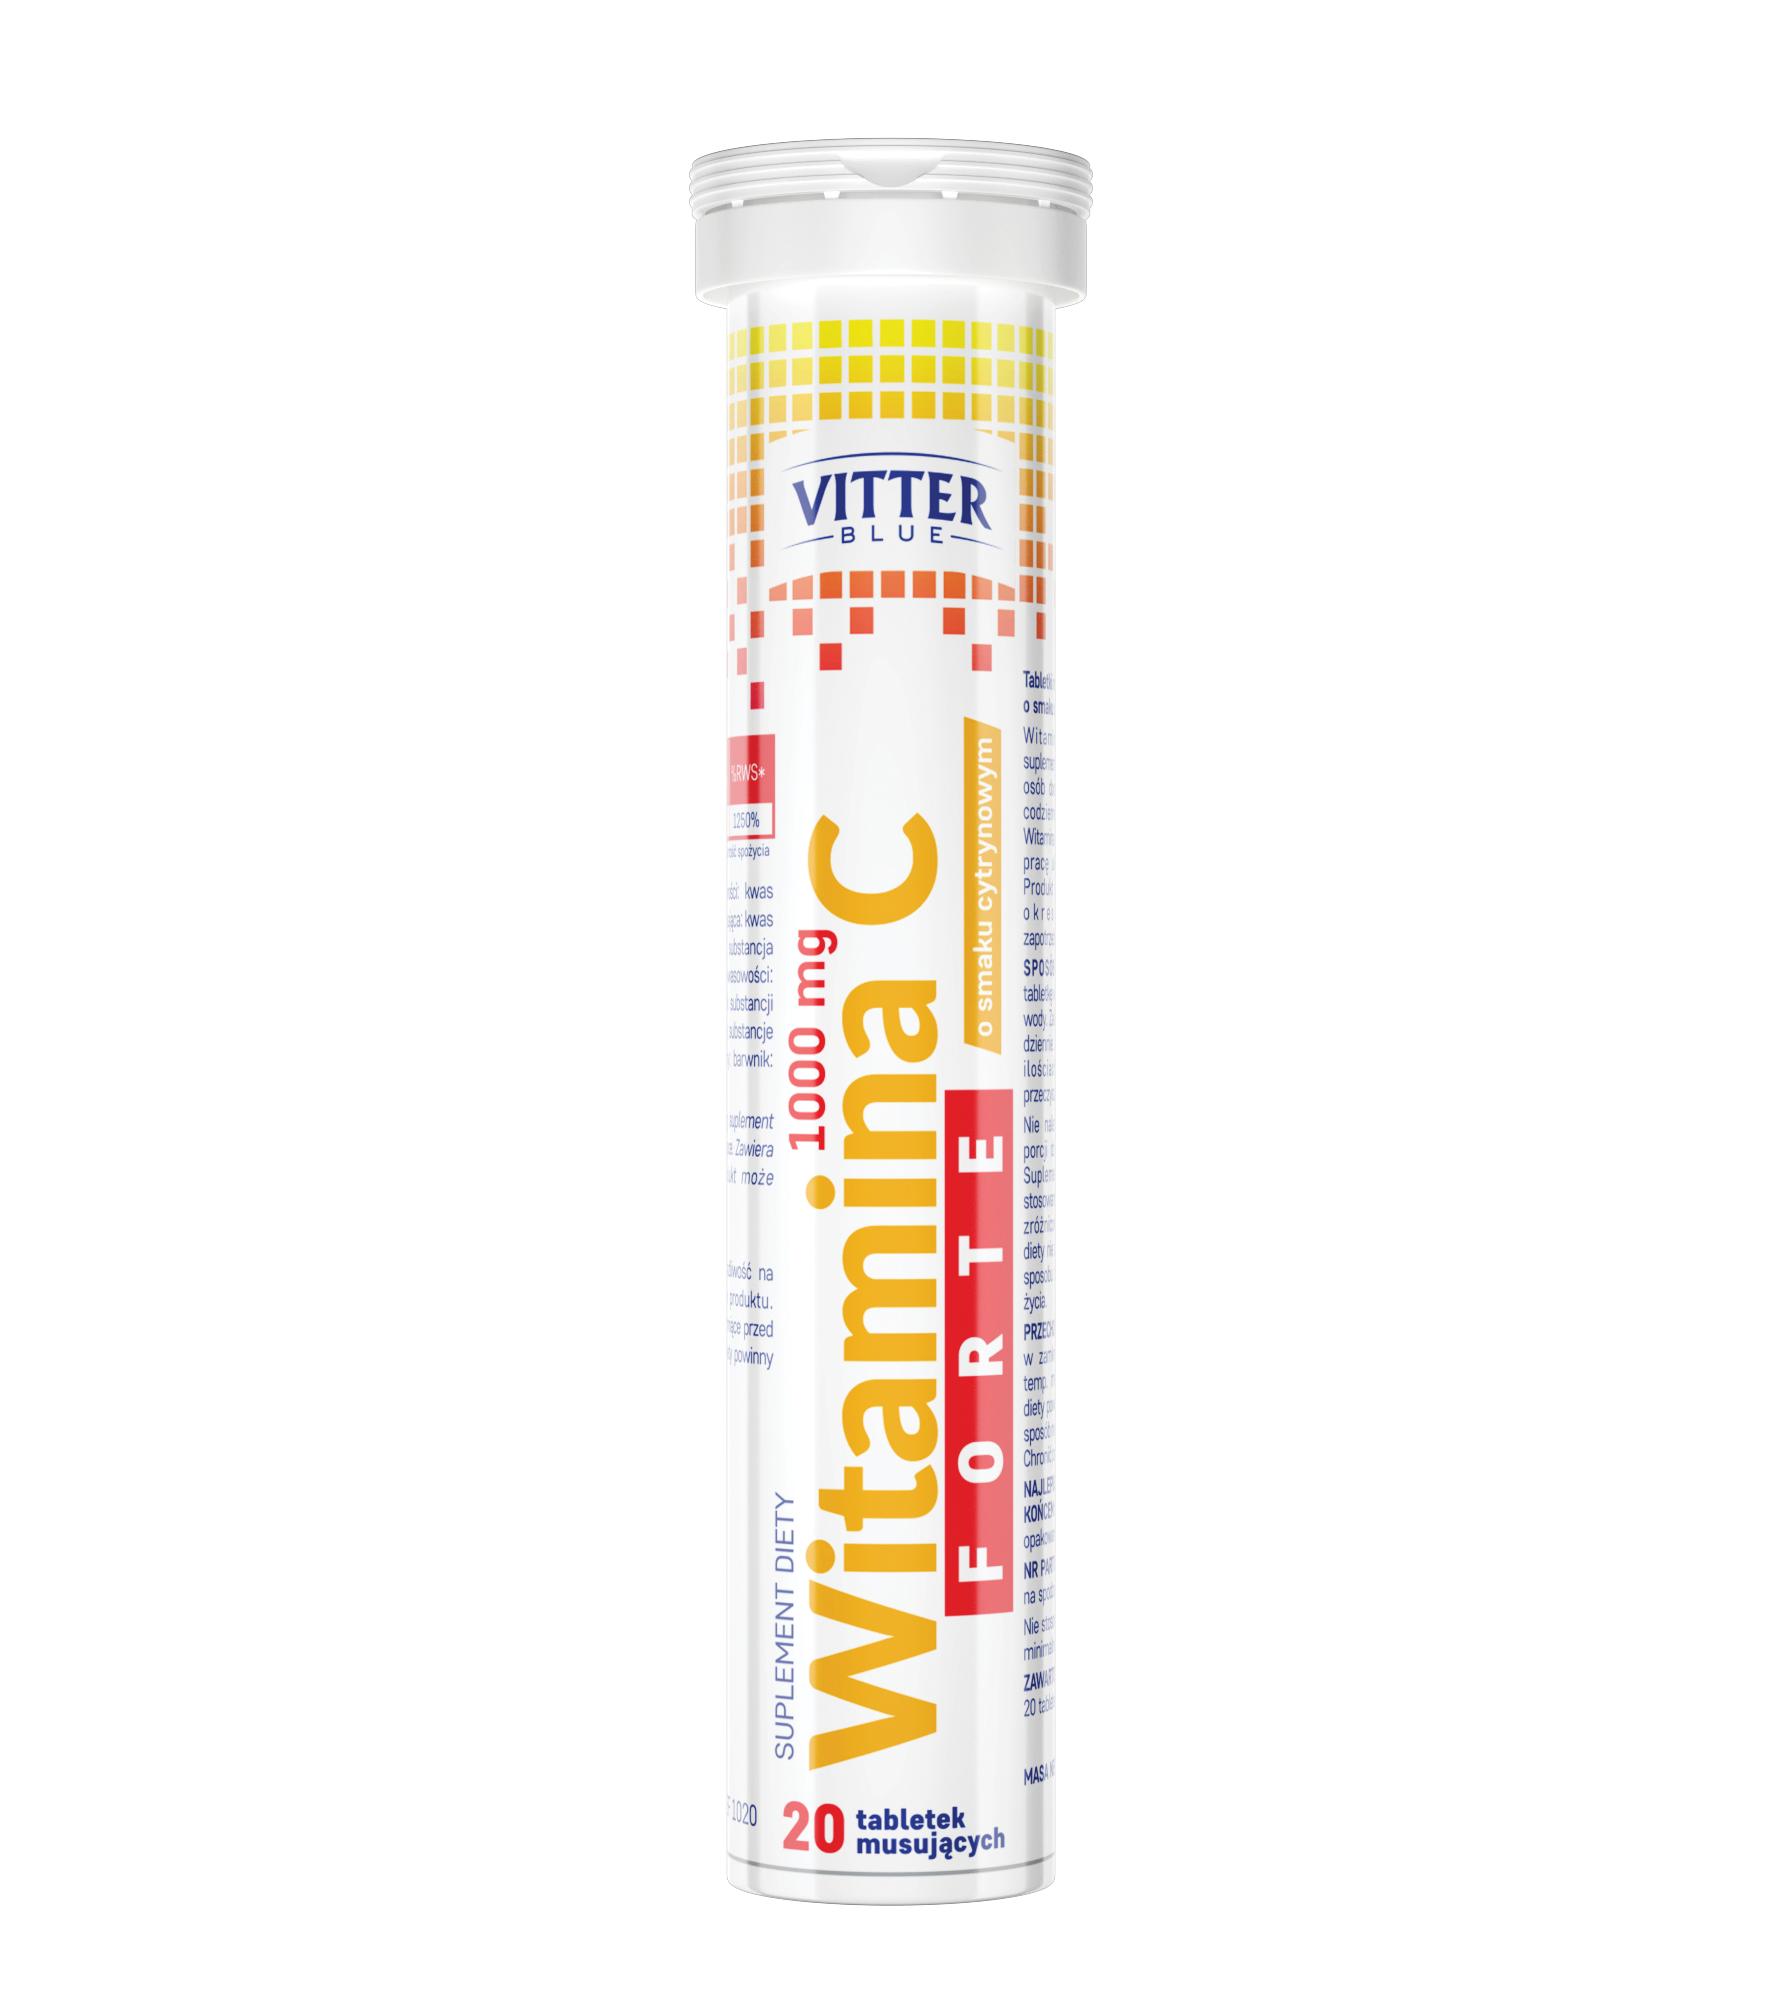 Witamina C Forte 1000 mg w tabletkach musujących - Vitter - tabletki